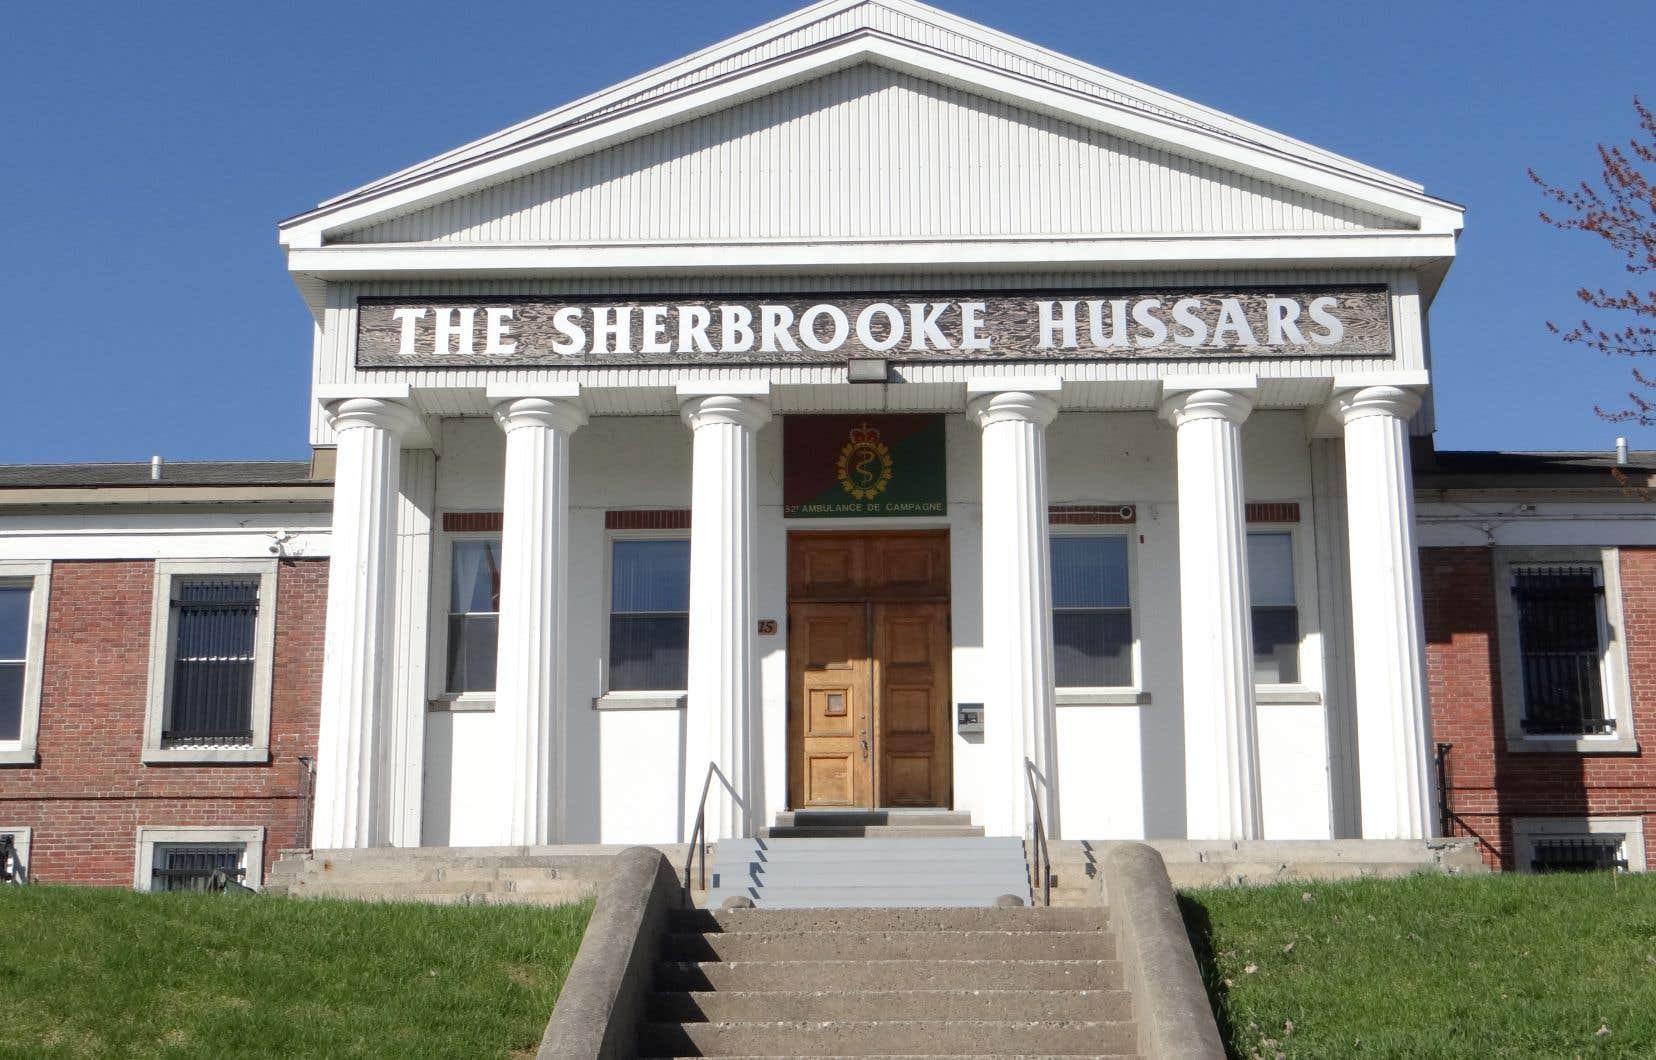 Le manège militaire Sherbrooke Hussars, un ancien palais de justice construit en 1839 sur la rue William, connaît des problèmes structurels et risque d'être condamné.